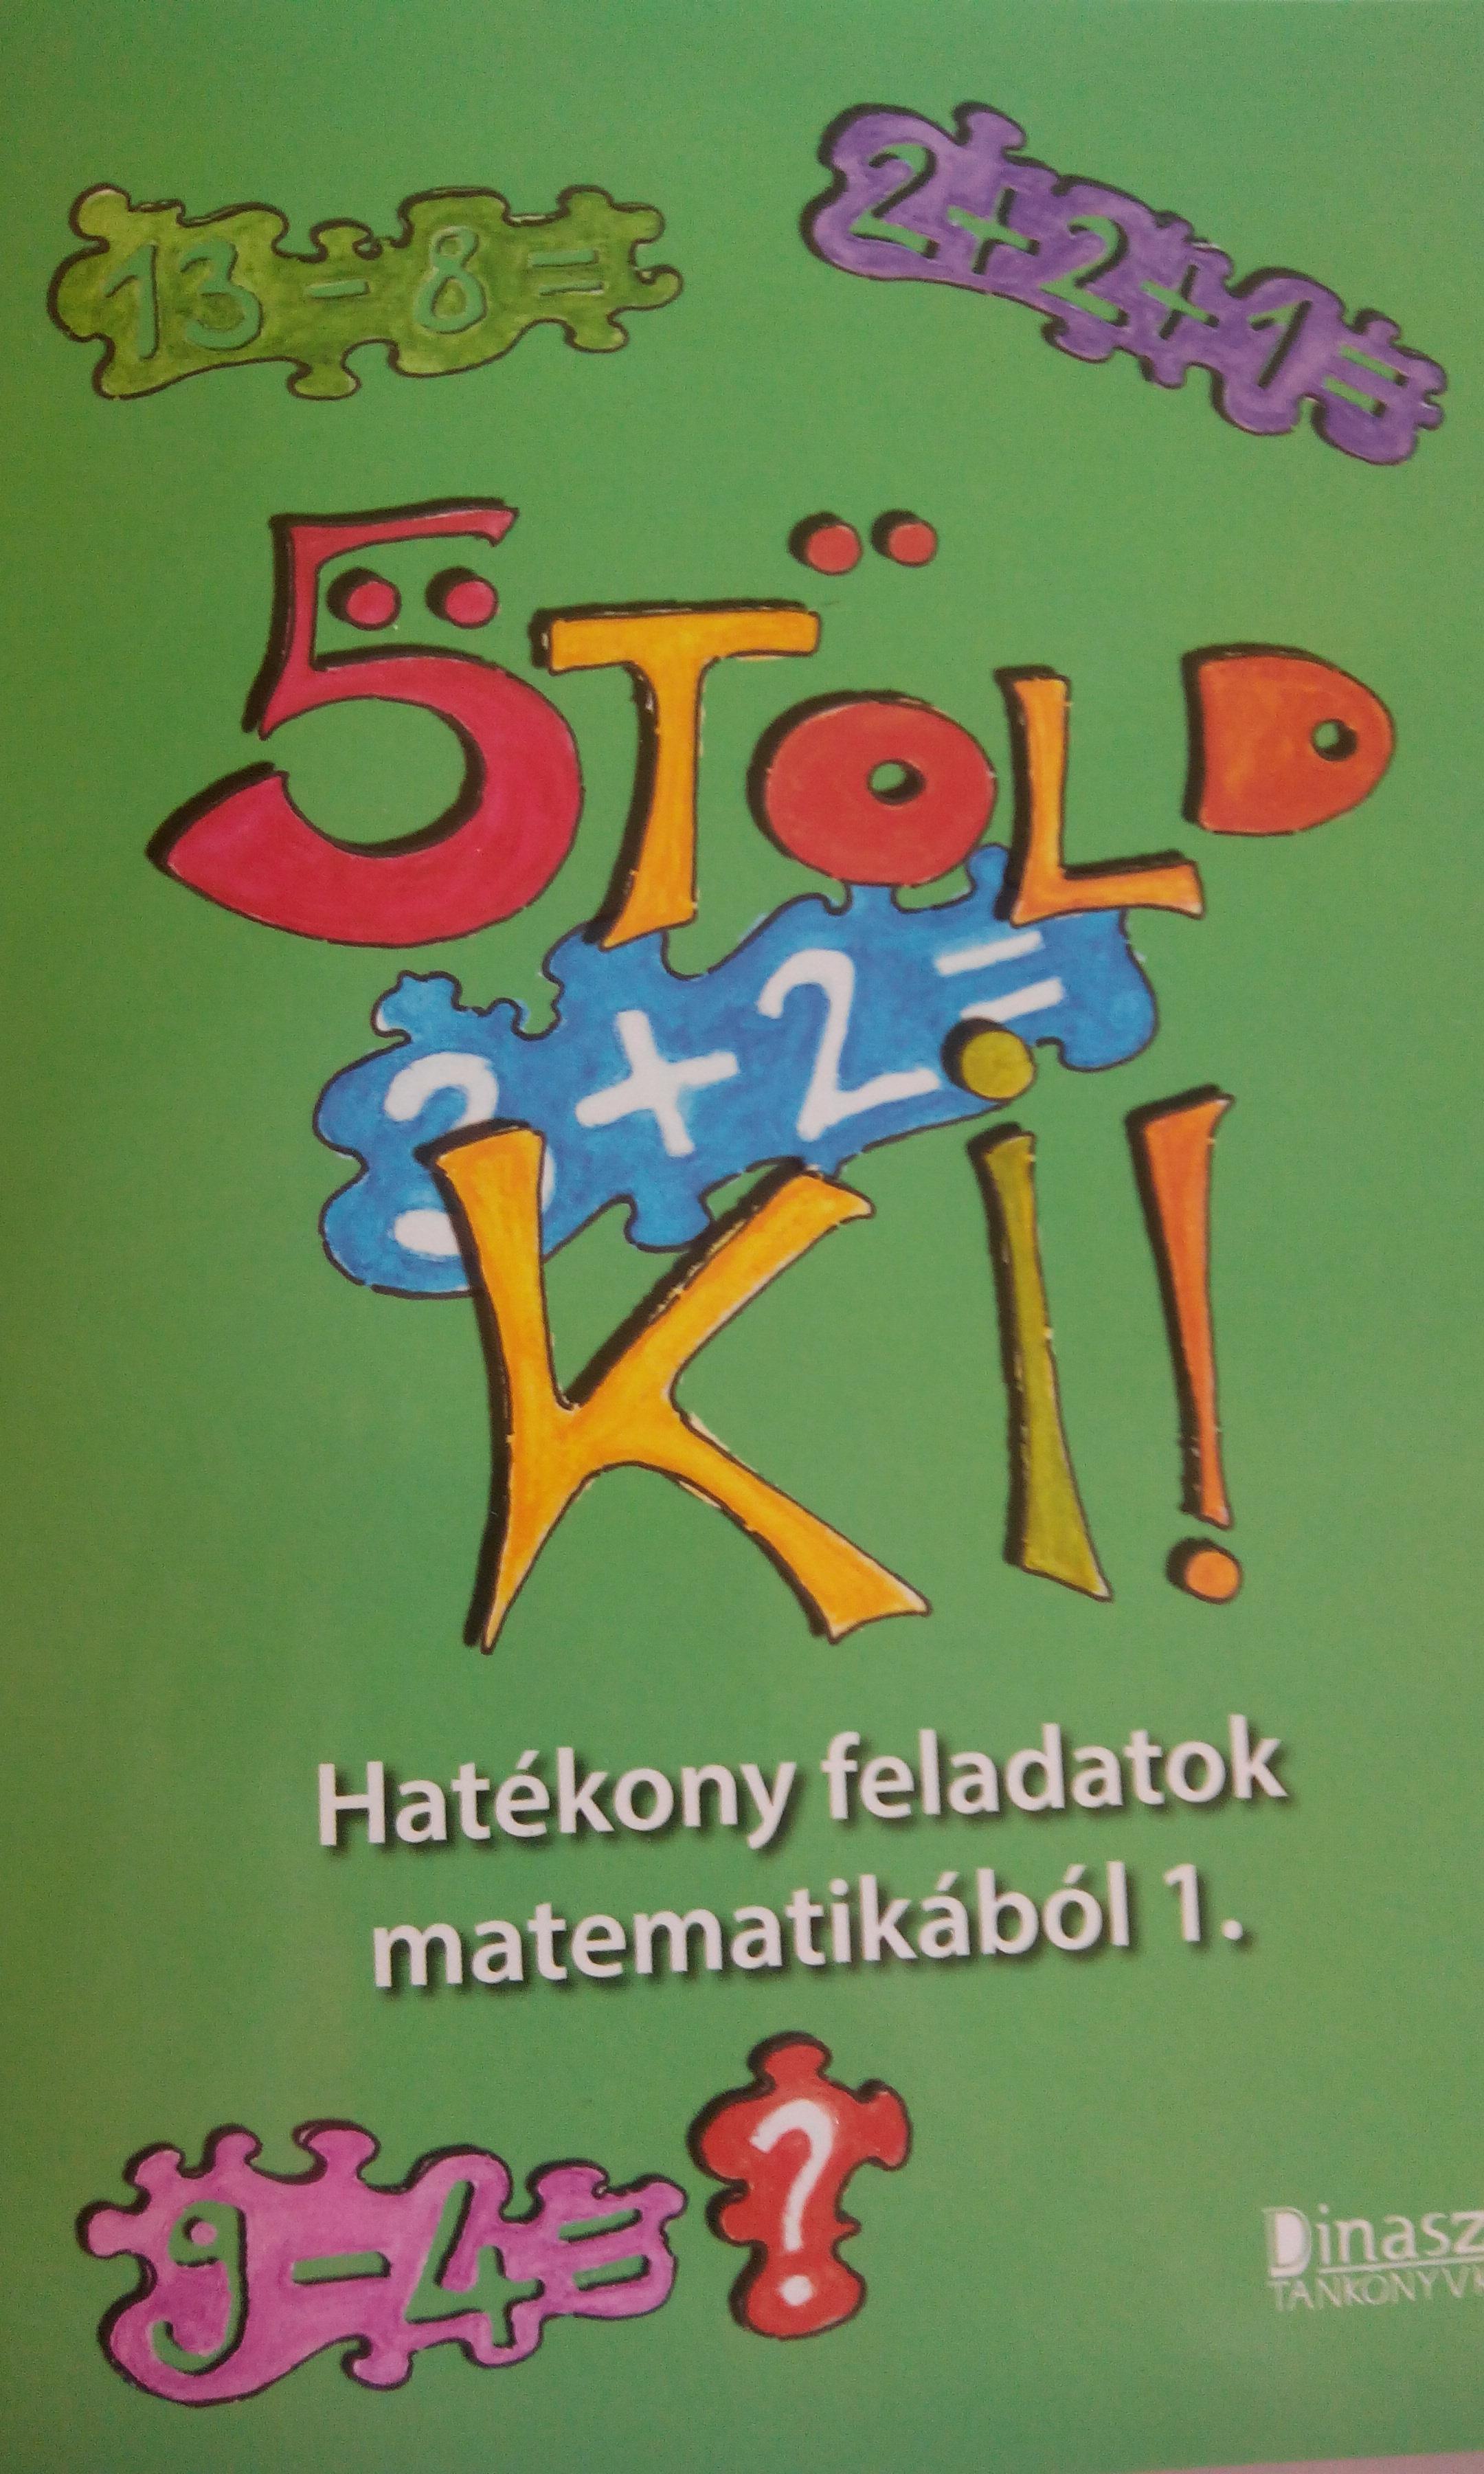 DI075110 - ÖTÖLD KI! - HATÉKONY FELADATOK MATEMATIKÁBÓL 1.